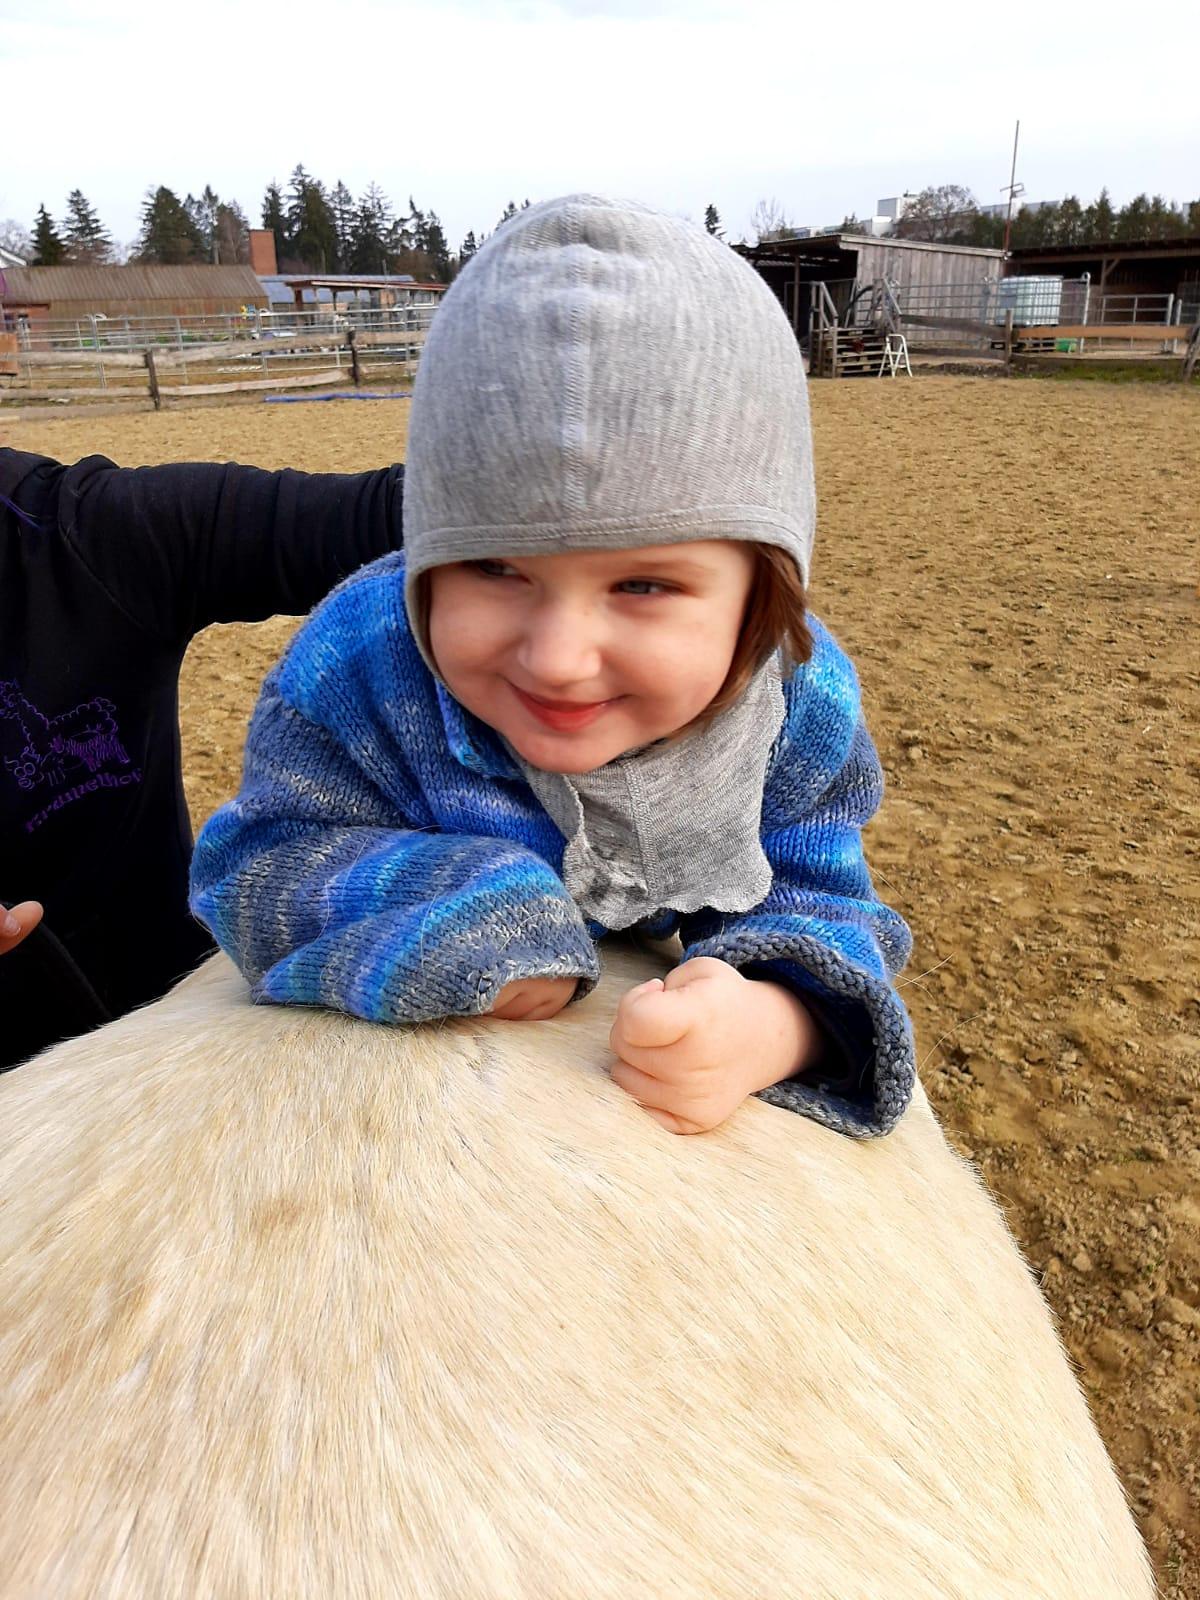 Mira freut sich über die Nähe zu den Pferden.